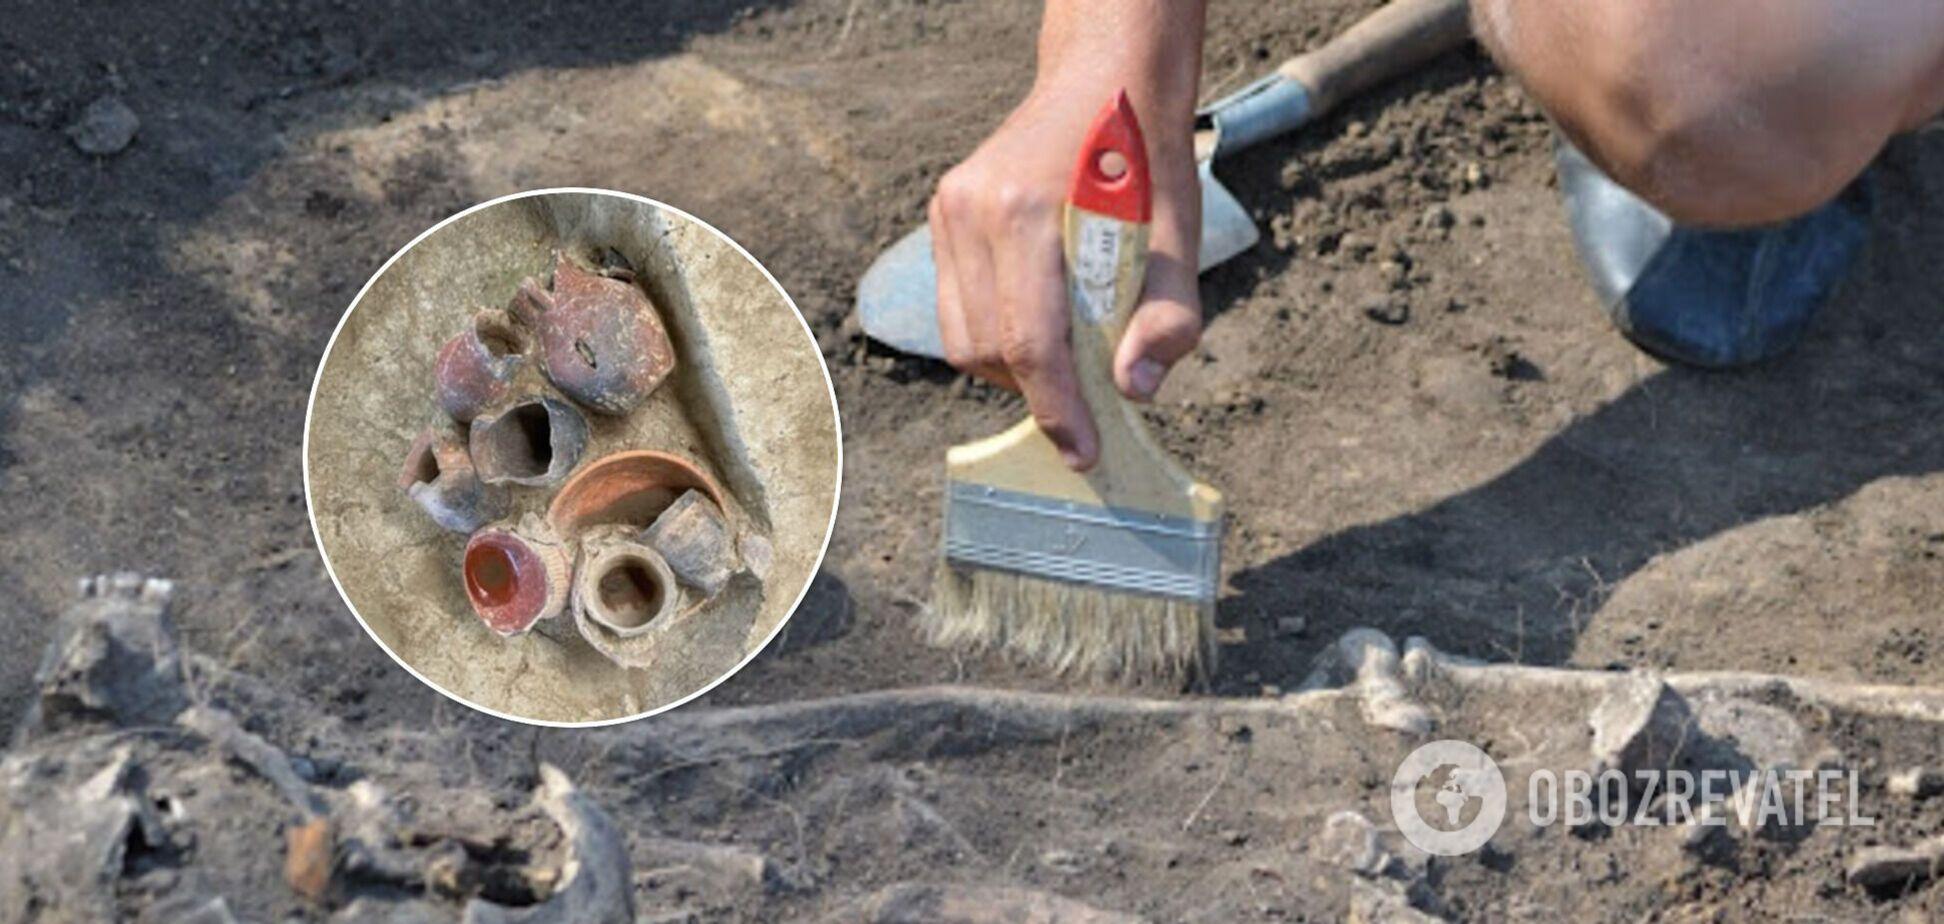 Археологи виявили в Китаї посуд зі слідами пива, якому 9 тис. років. Фото